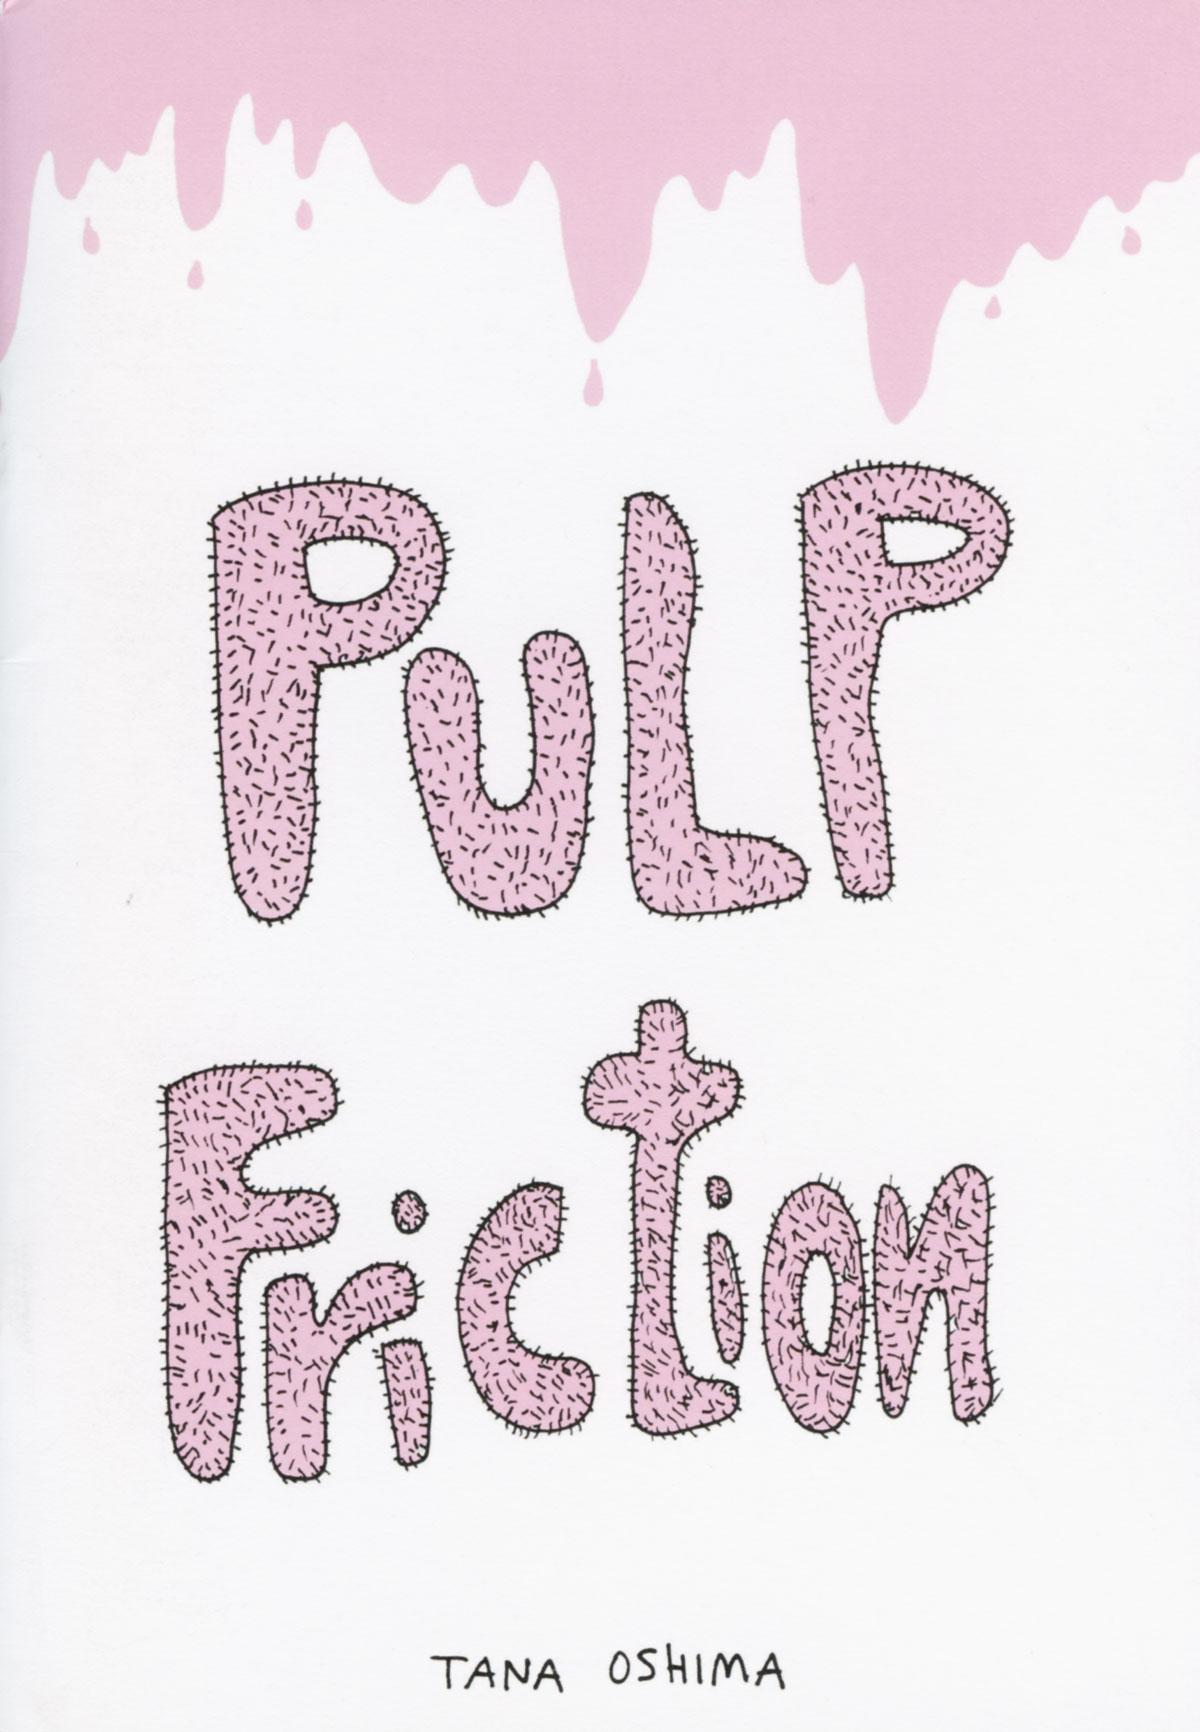 Pulp Friction by Tana Oshima